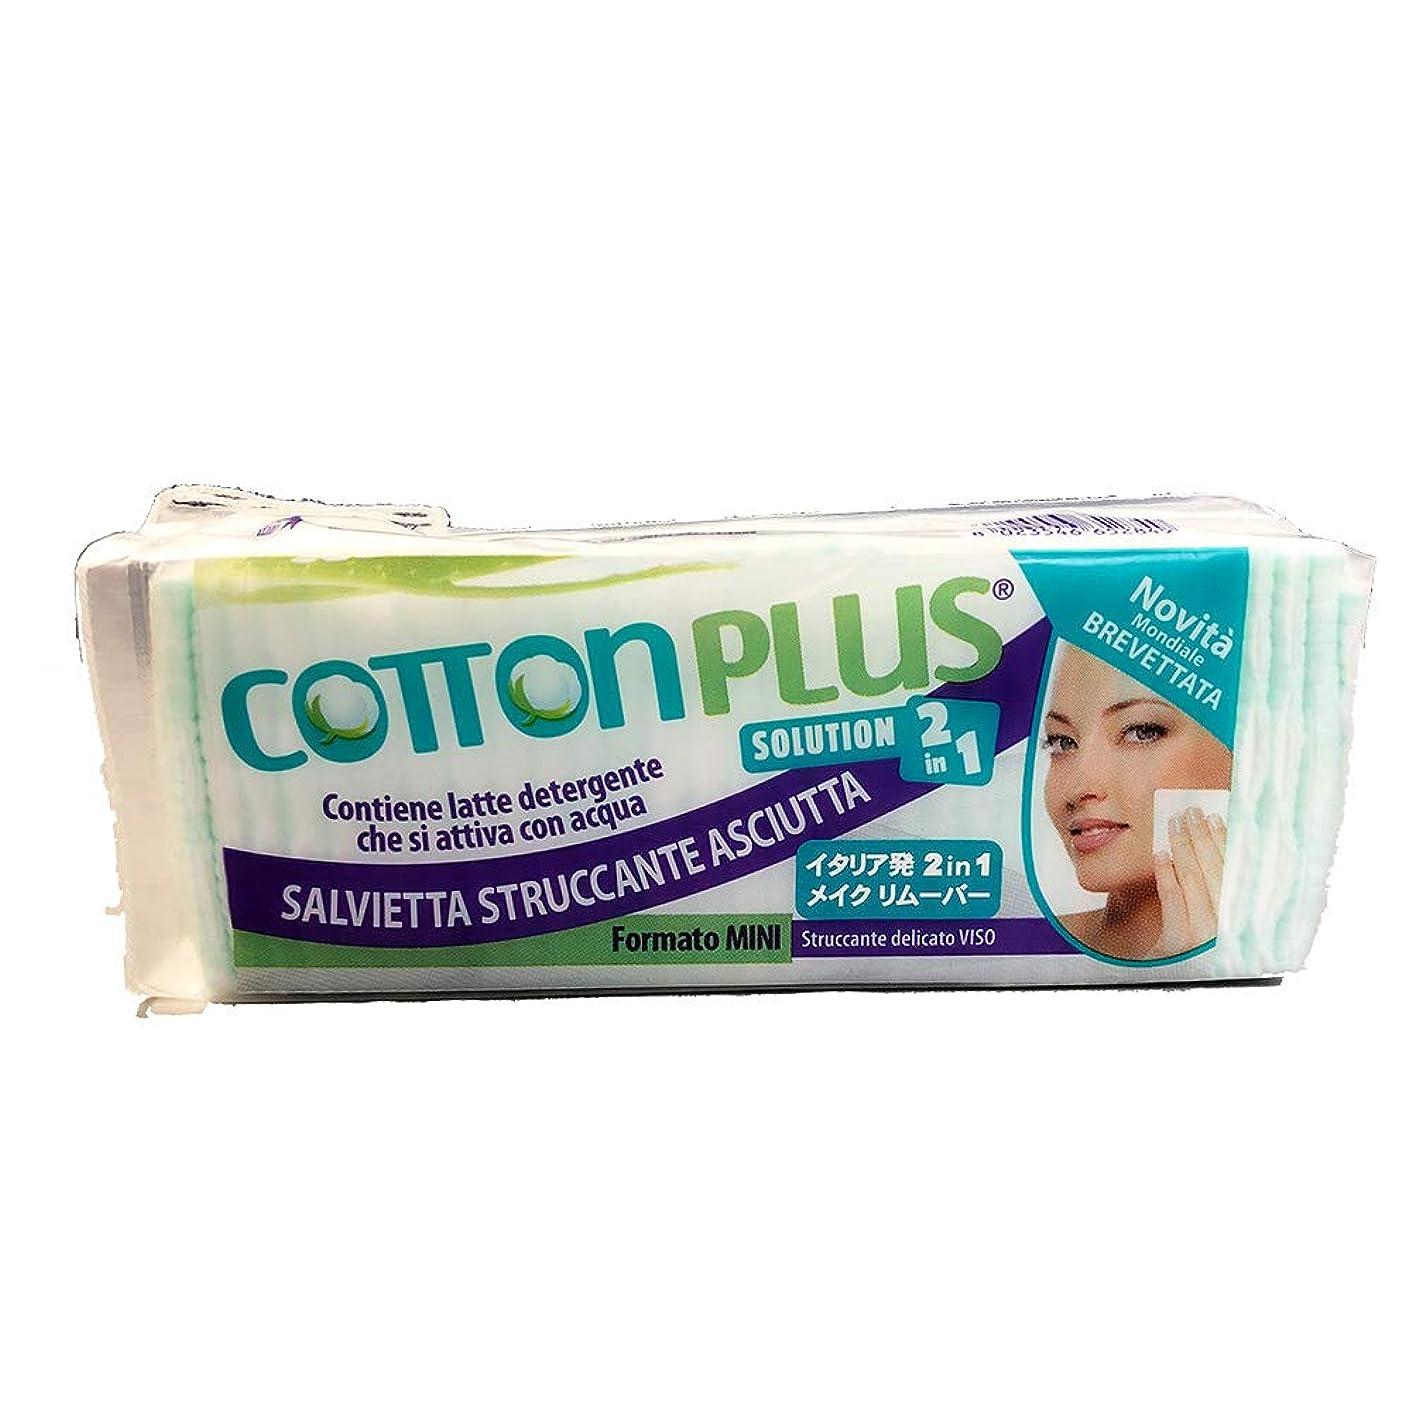 敬なモードリン六クレンジングコットン メイク落とし コットンプラス COTTON PLUS SOLUTION 2 IN 1 ミニサイズ(60枚入り) 保湿 化粧水